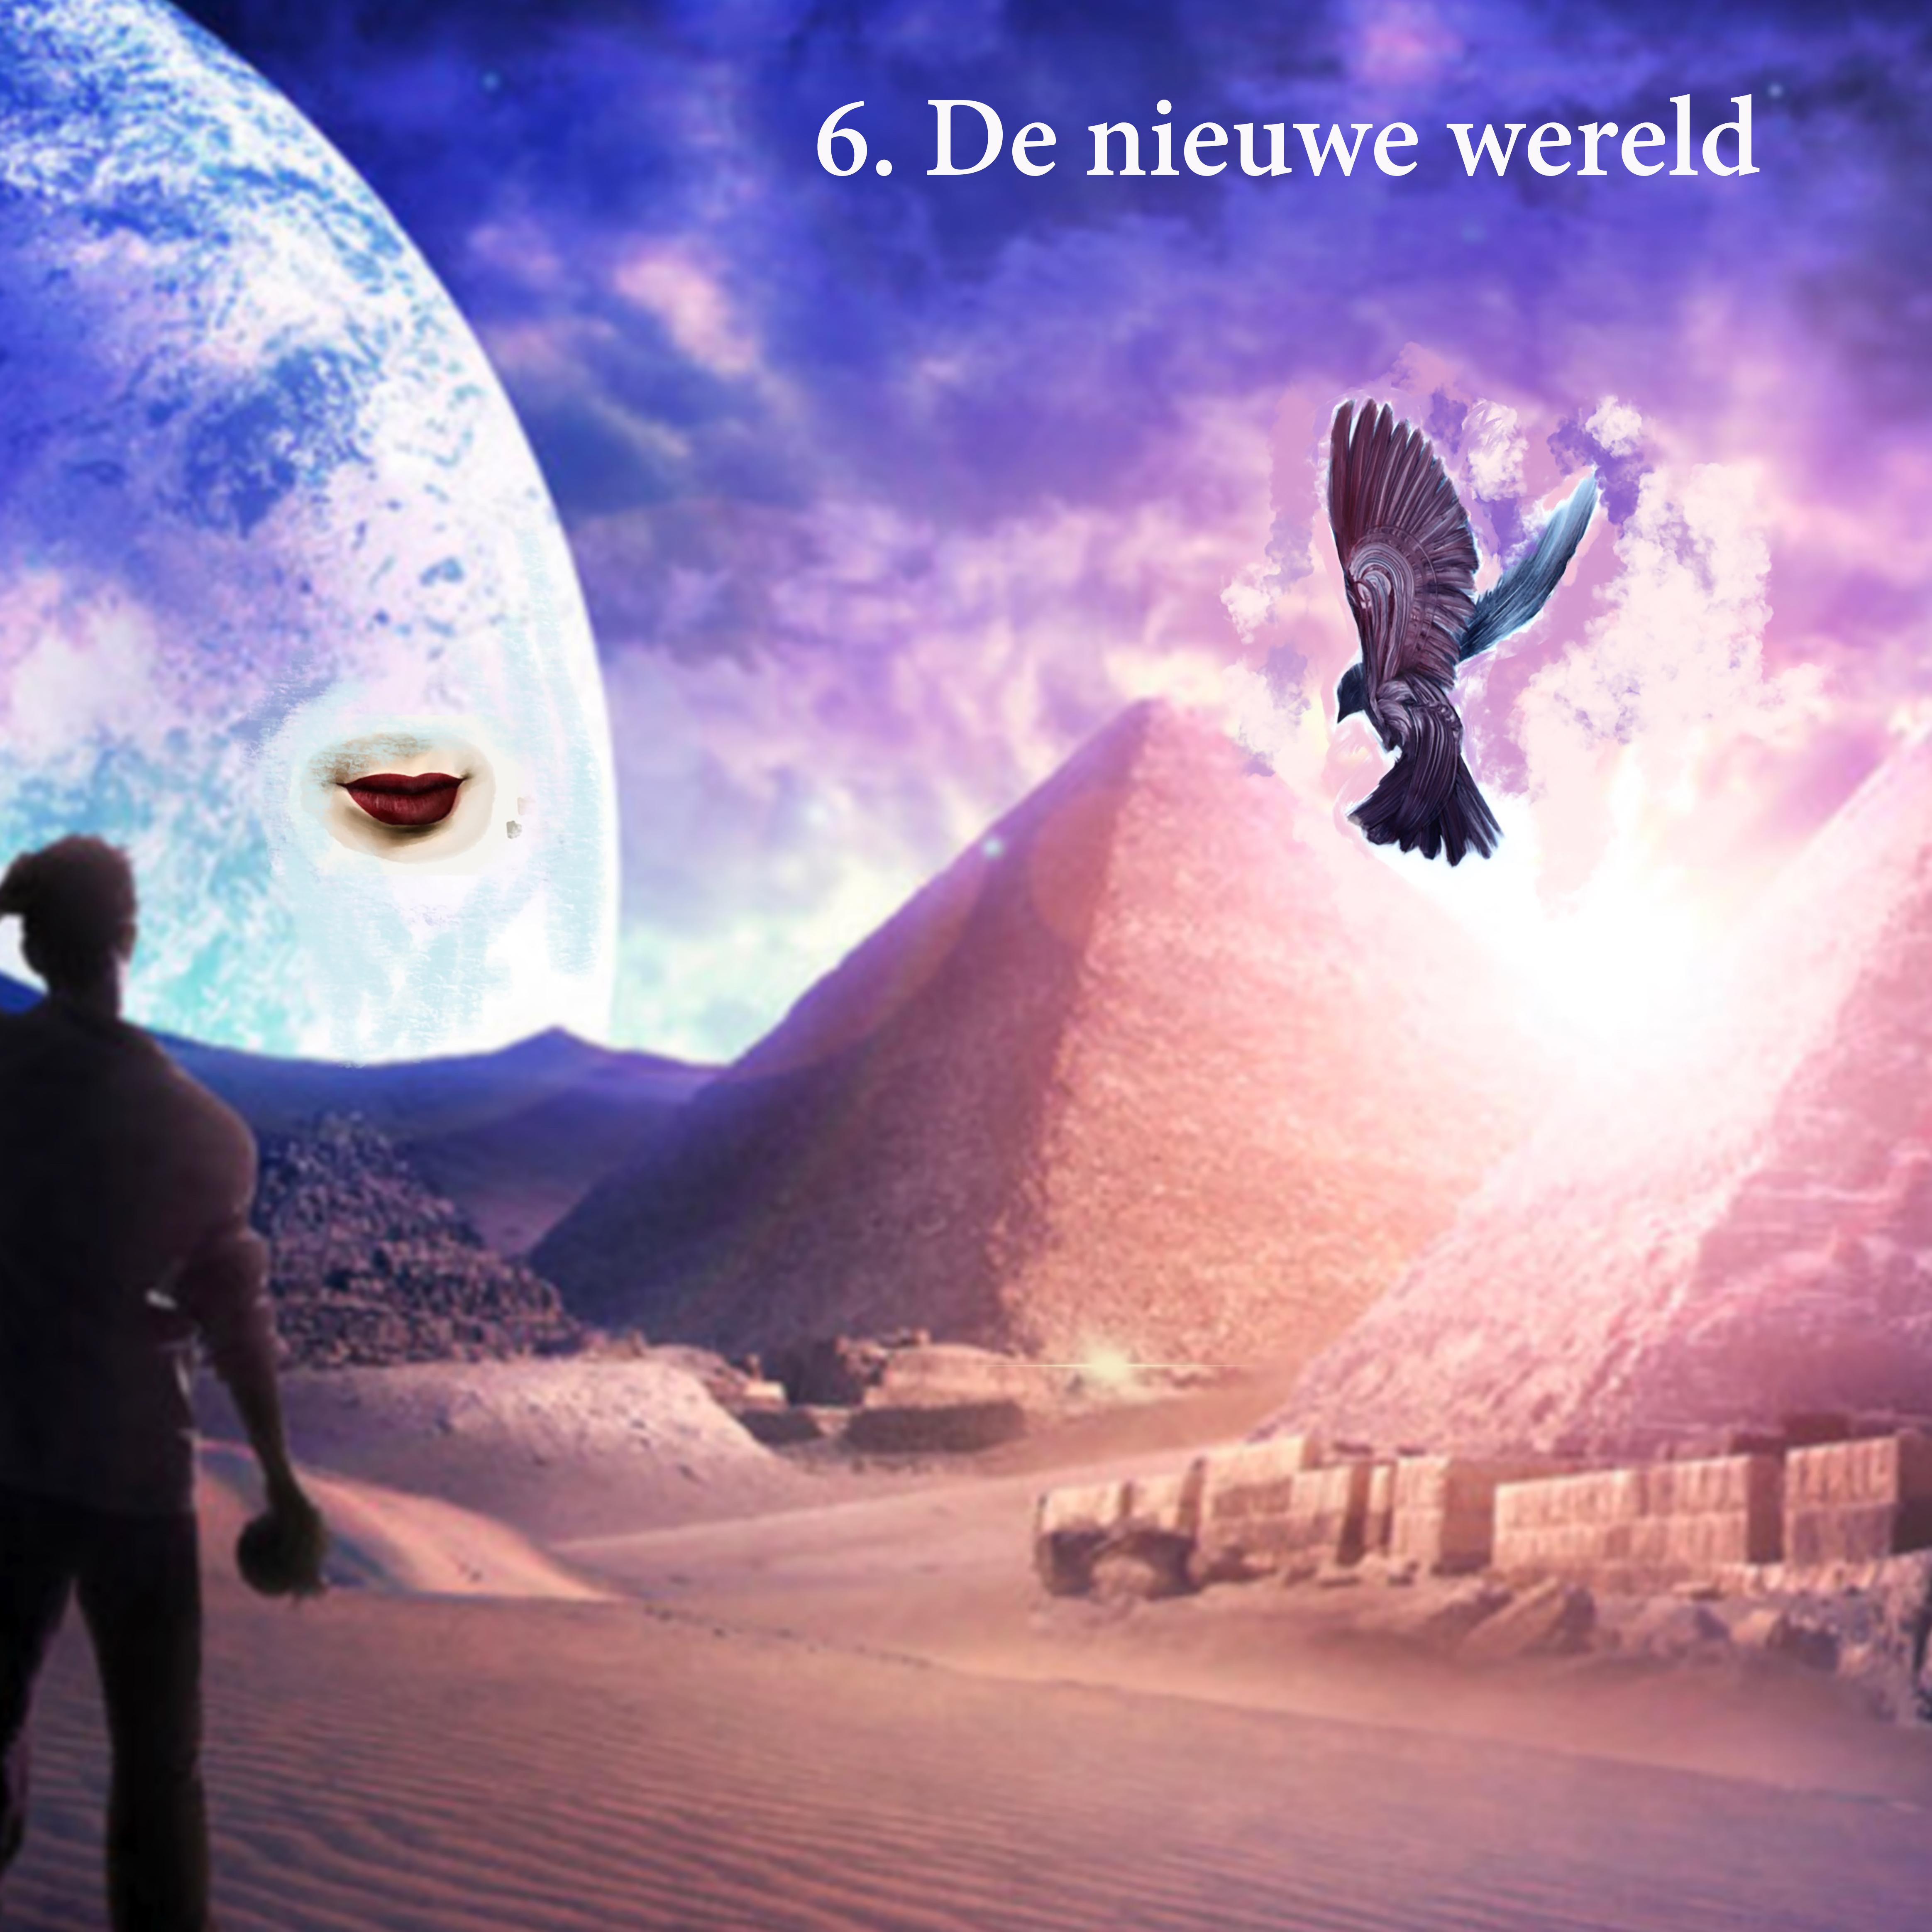 6. De nieuwe wereld